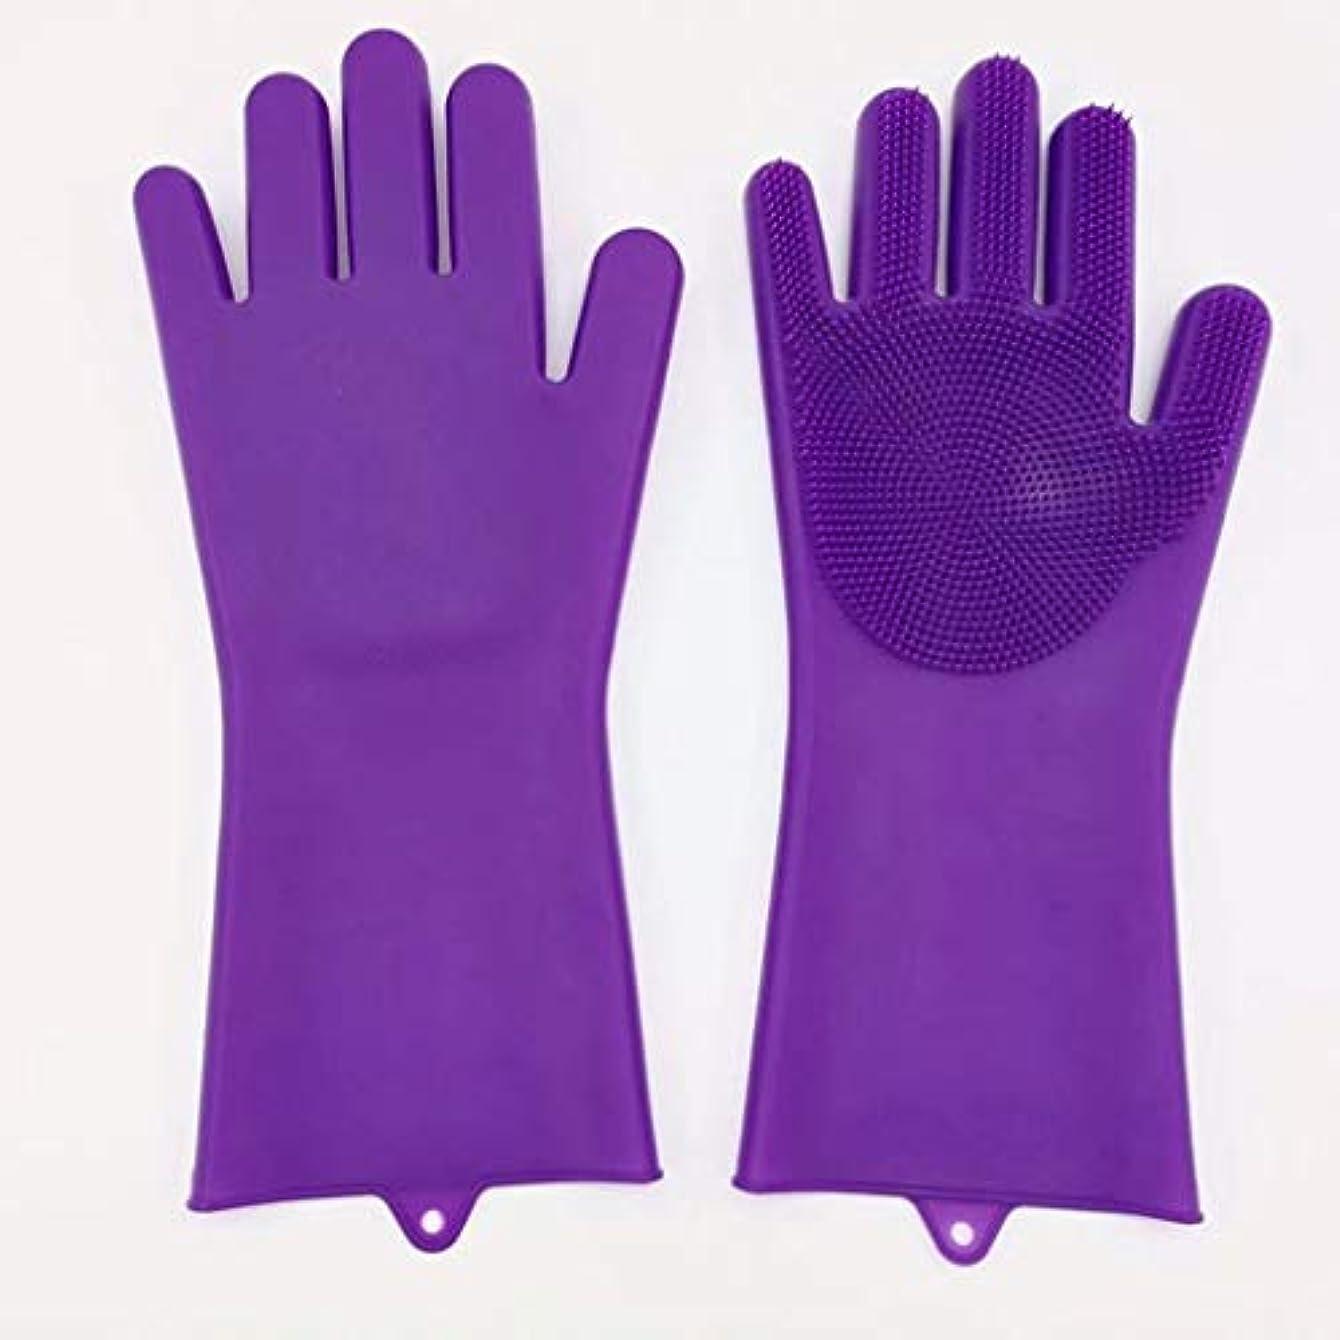 更新カロリー十年LWBUKK 食器洗い用シリコーン手袋、台所掃除用マジックグローブ、滑り止め防水高温手袋3色オプション 手袋 (Color : Purple)